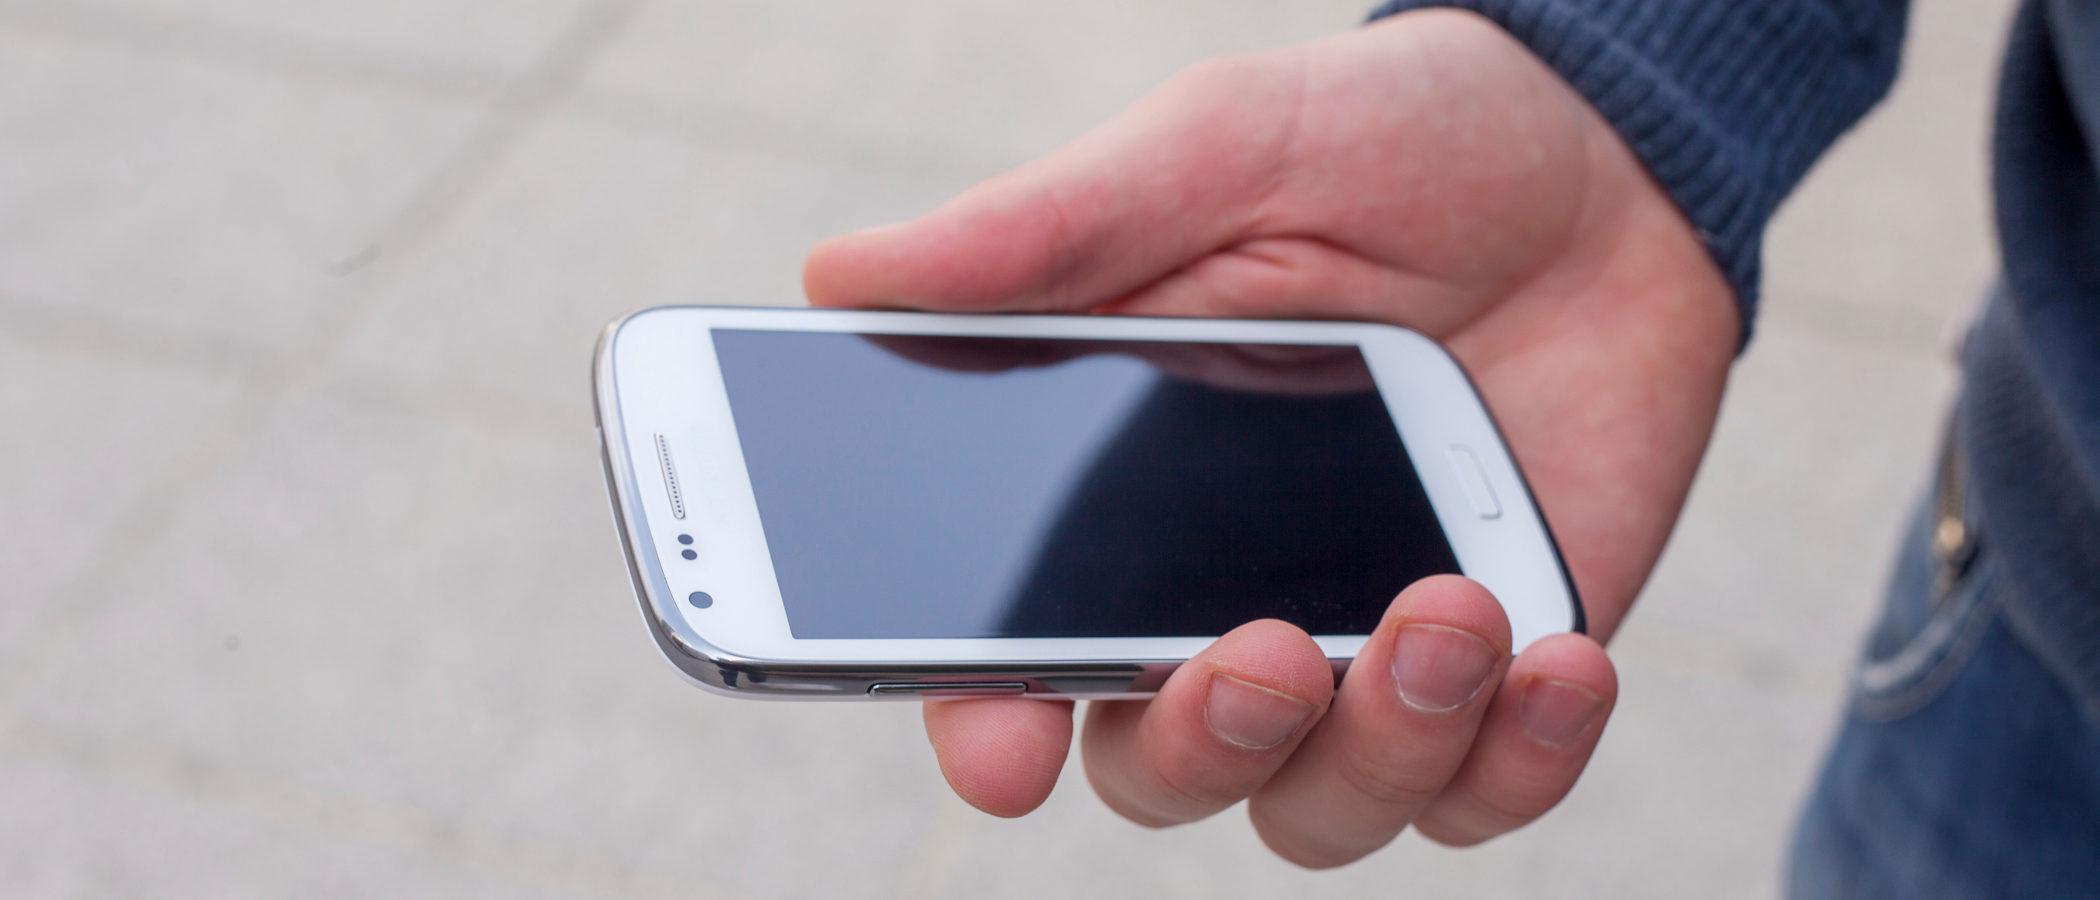 El Teléfono contra el Acoso Escolar en España, ¿cómo usar este recurso y quién nos atiende?